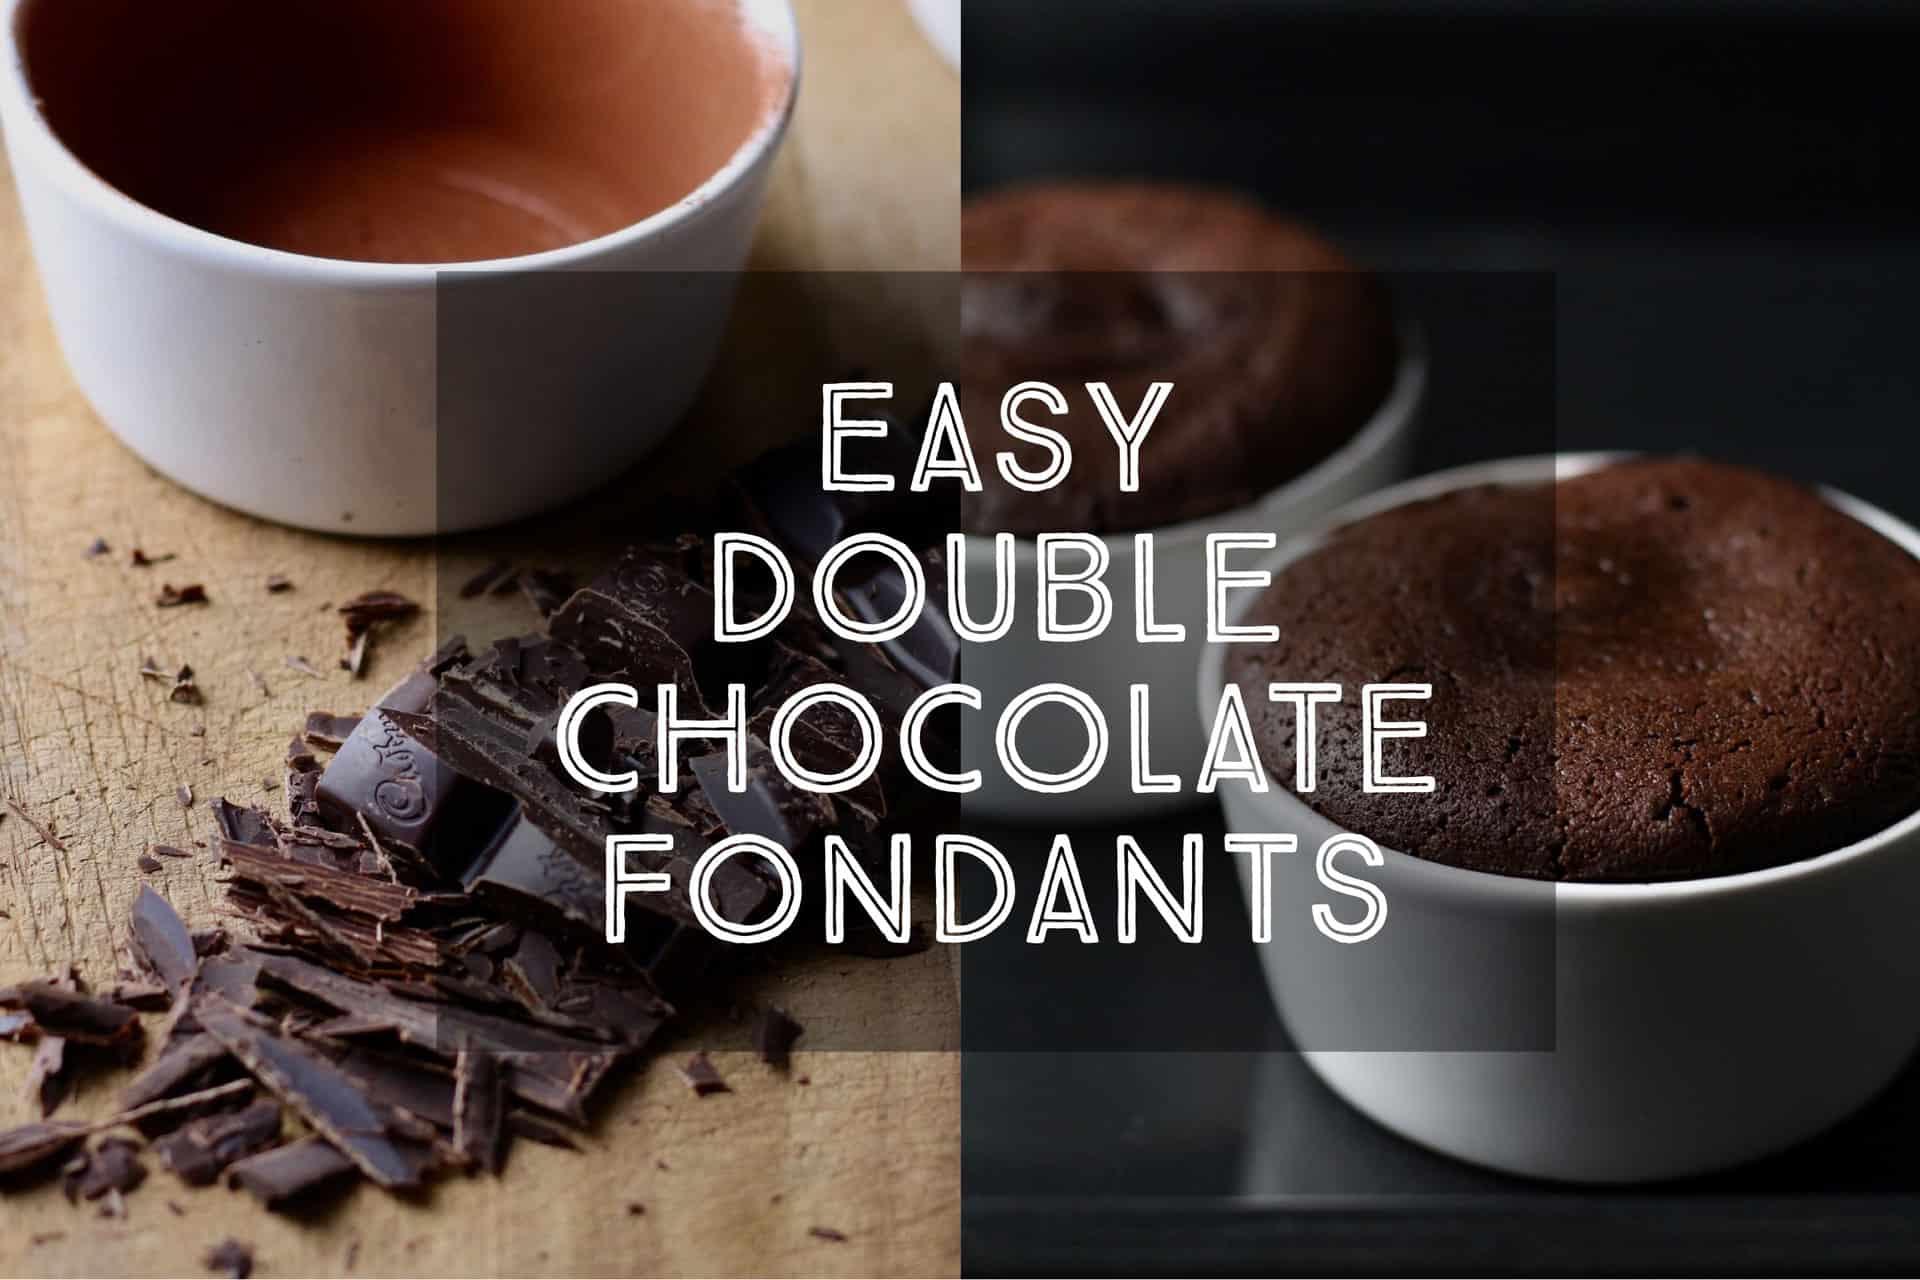 Easy Double Chocolate Fondants